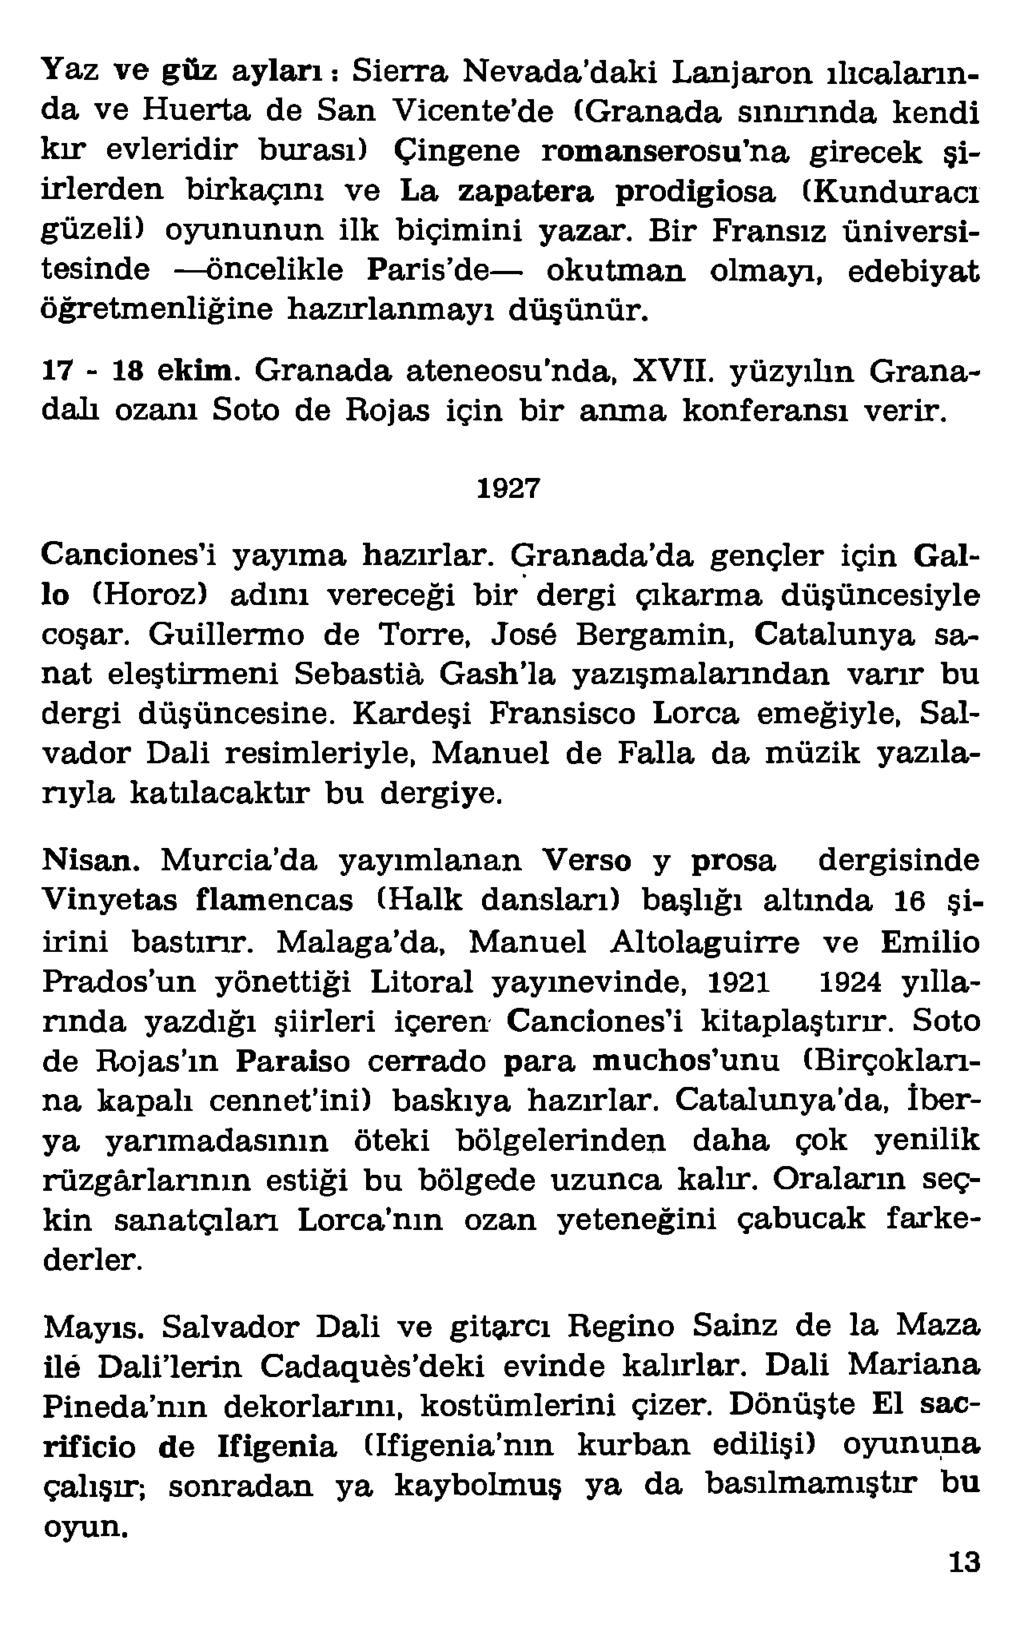 Federico Garcia Lorca Butun - Pdf Ücretsiz Indirin pour Salon De Jardin Nevada